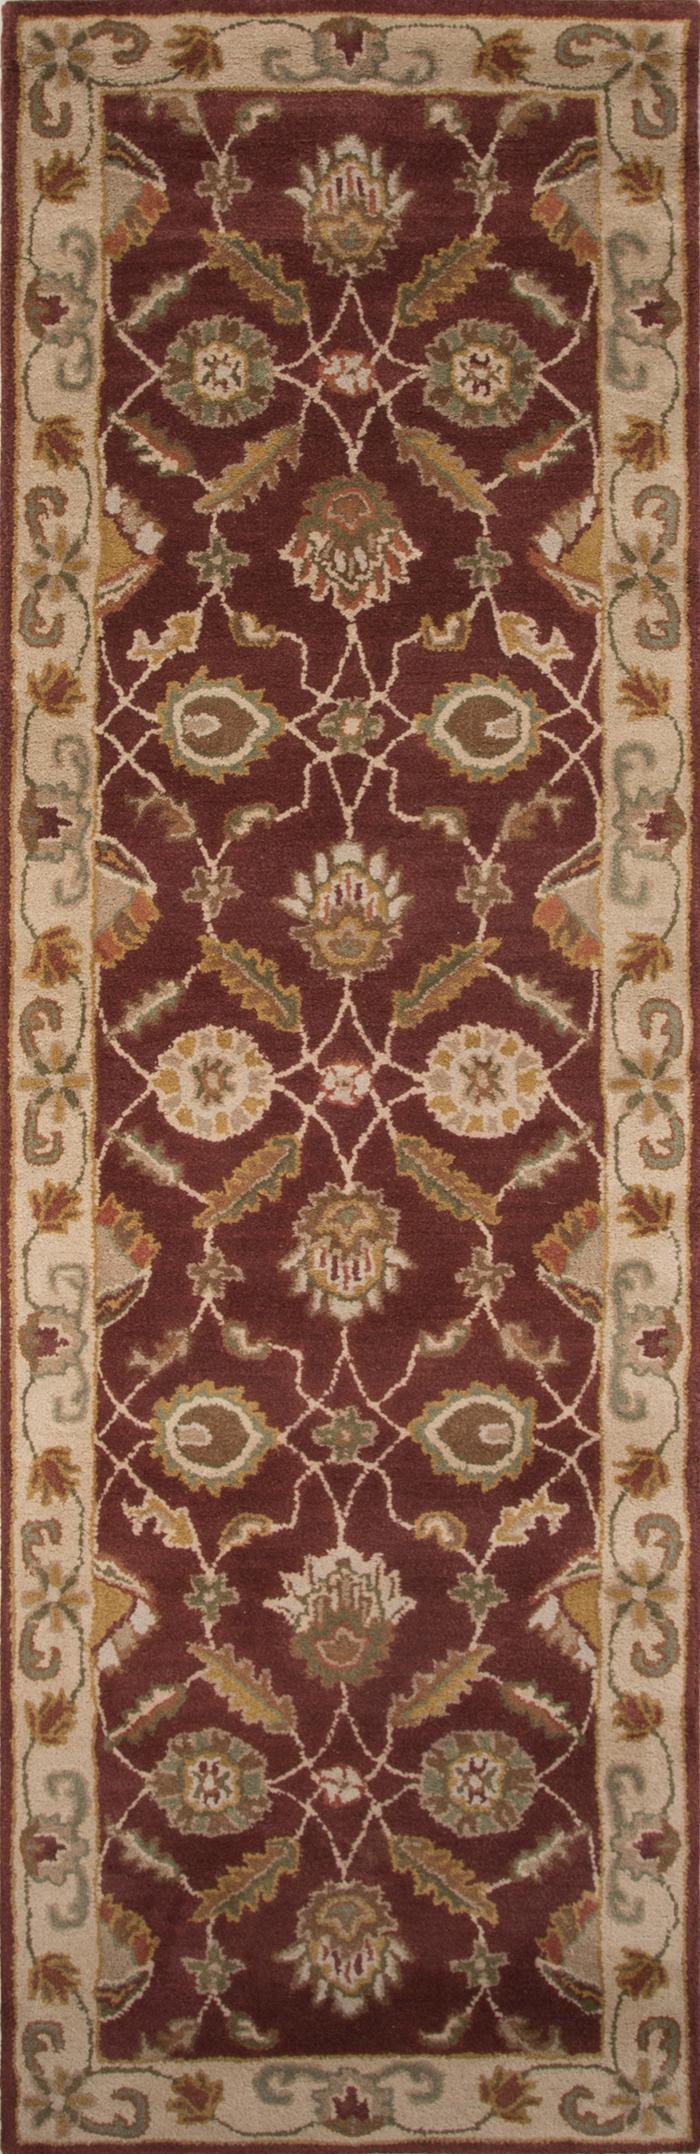 Mythos 2.6 x 8 Rug by JAIPUR Living at Sprintz Furniture